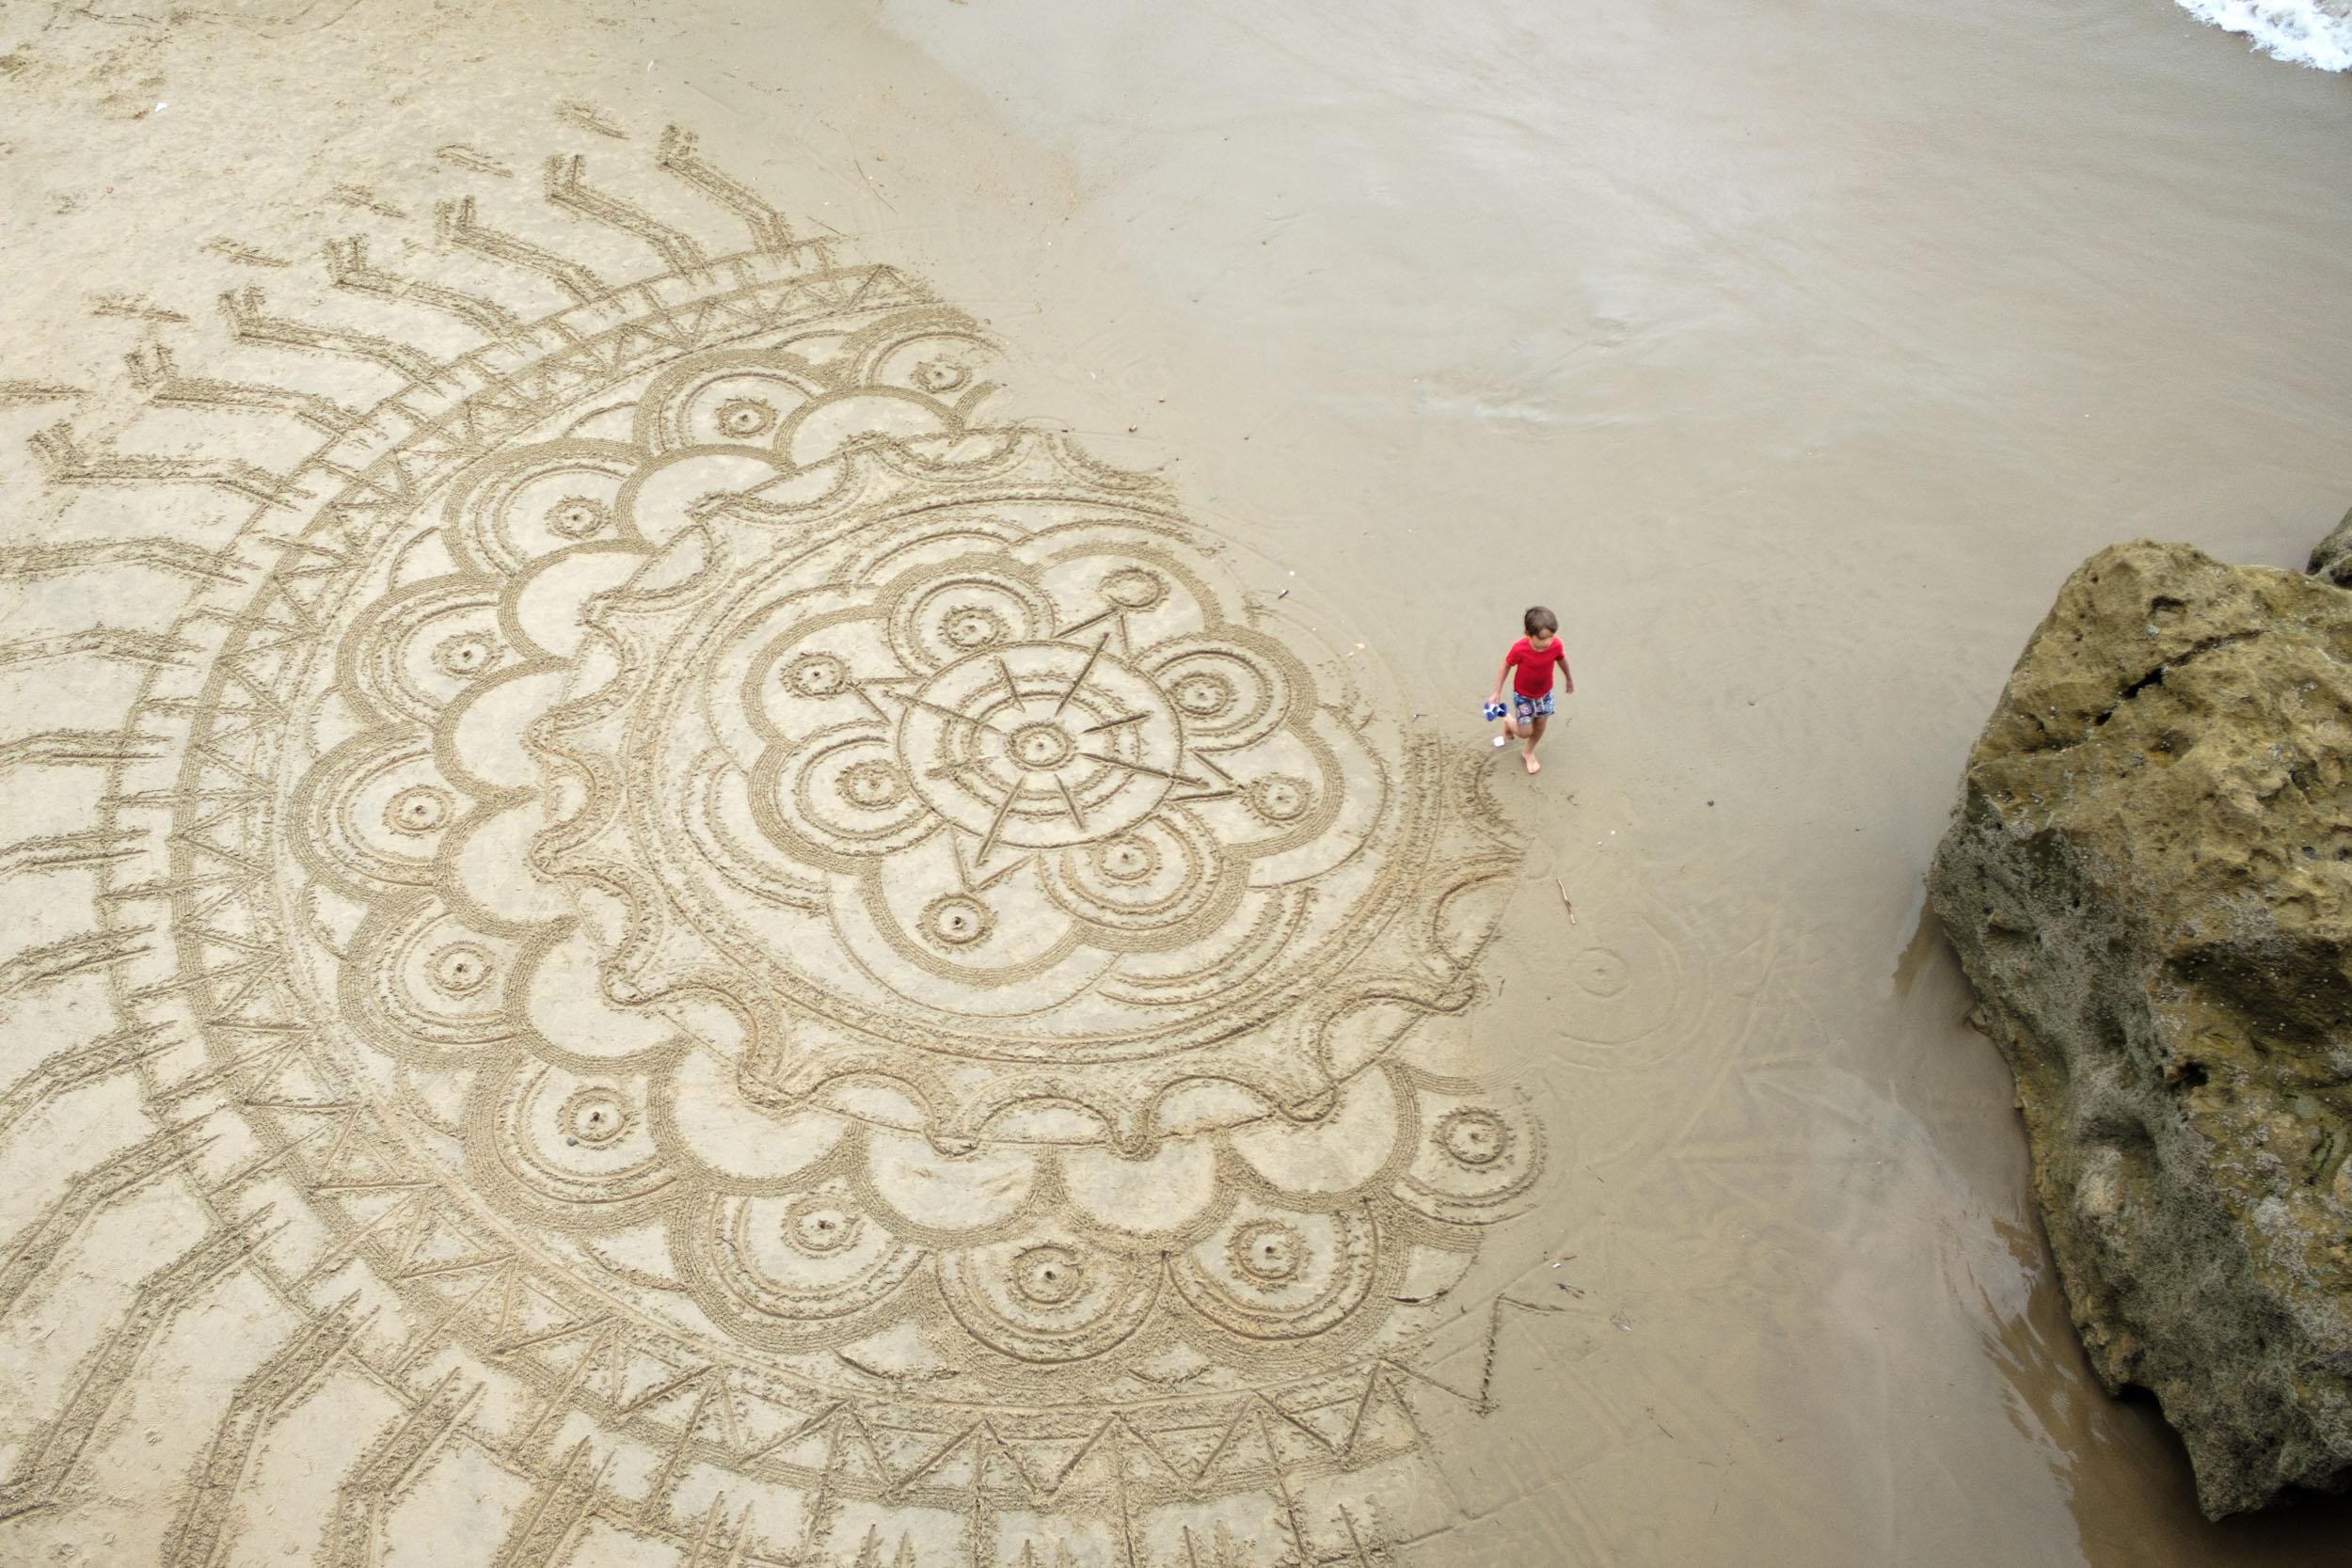 Kunstwerk am Strand Biarritz